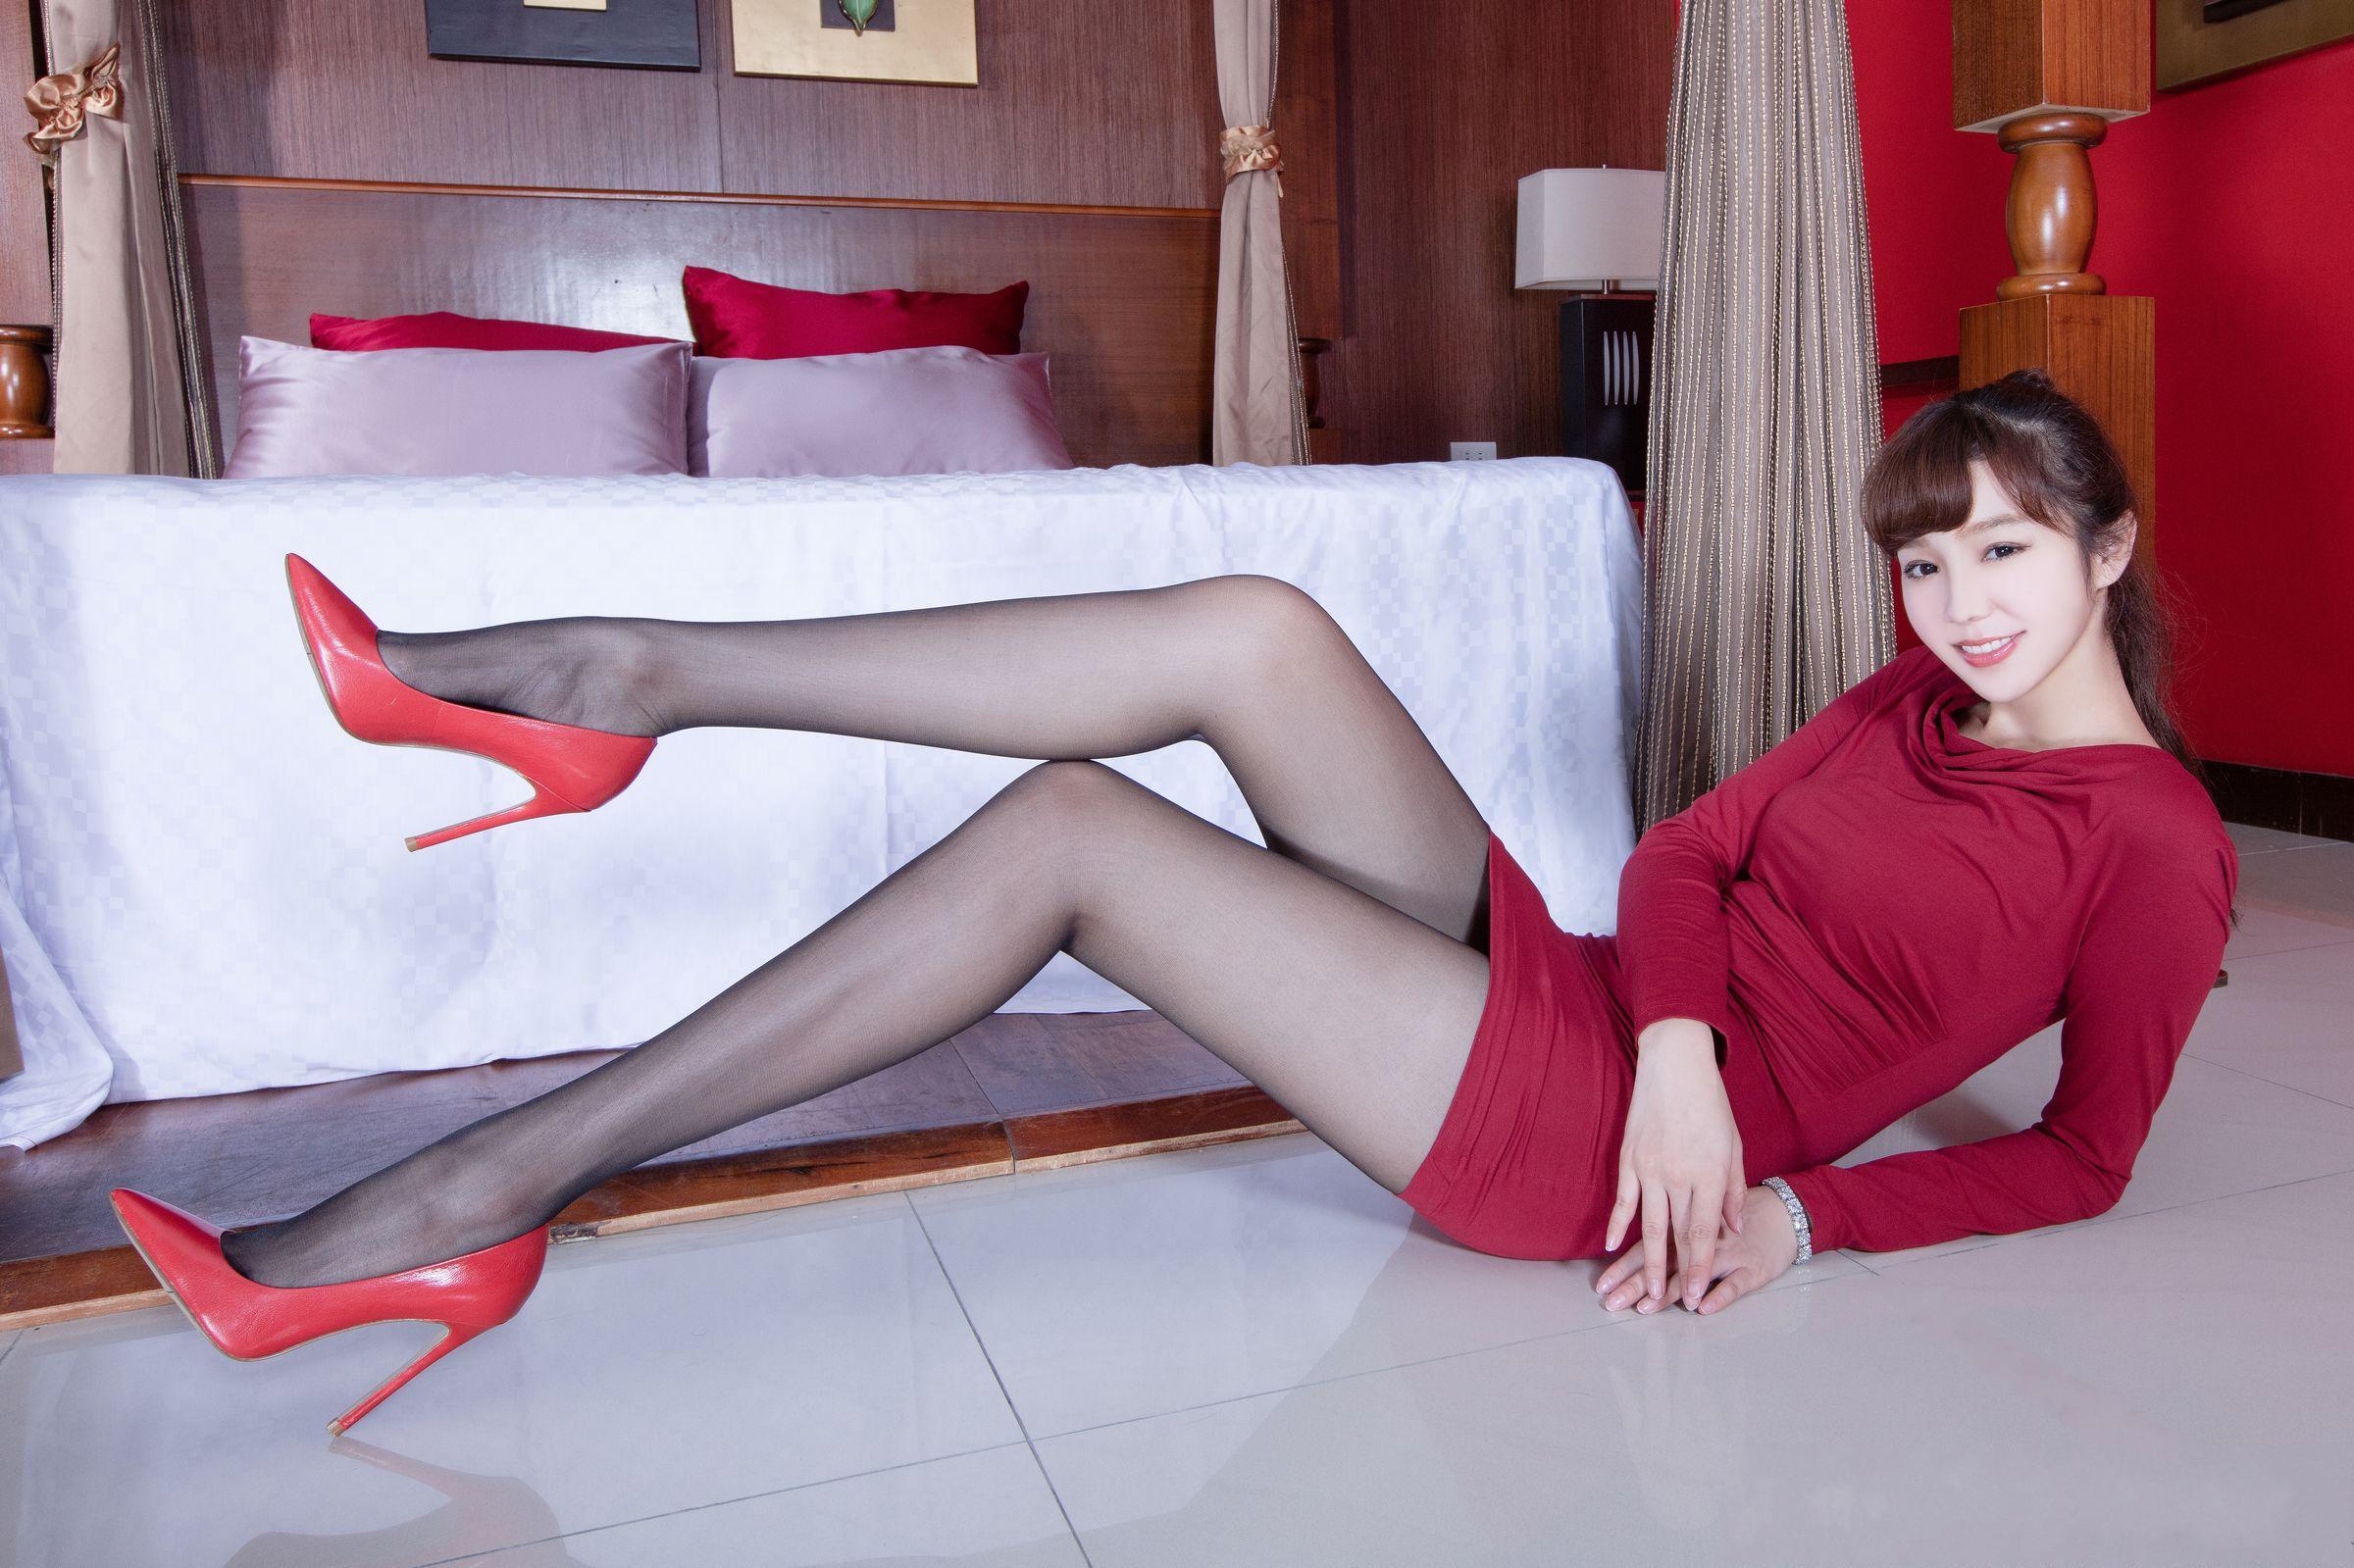 美女美腿秀Tammy1 - 花開有聲 - 花開有聲